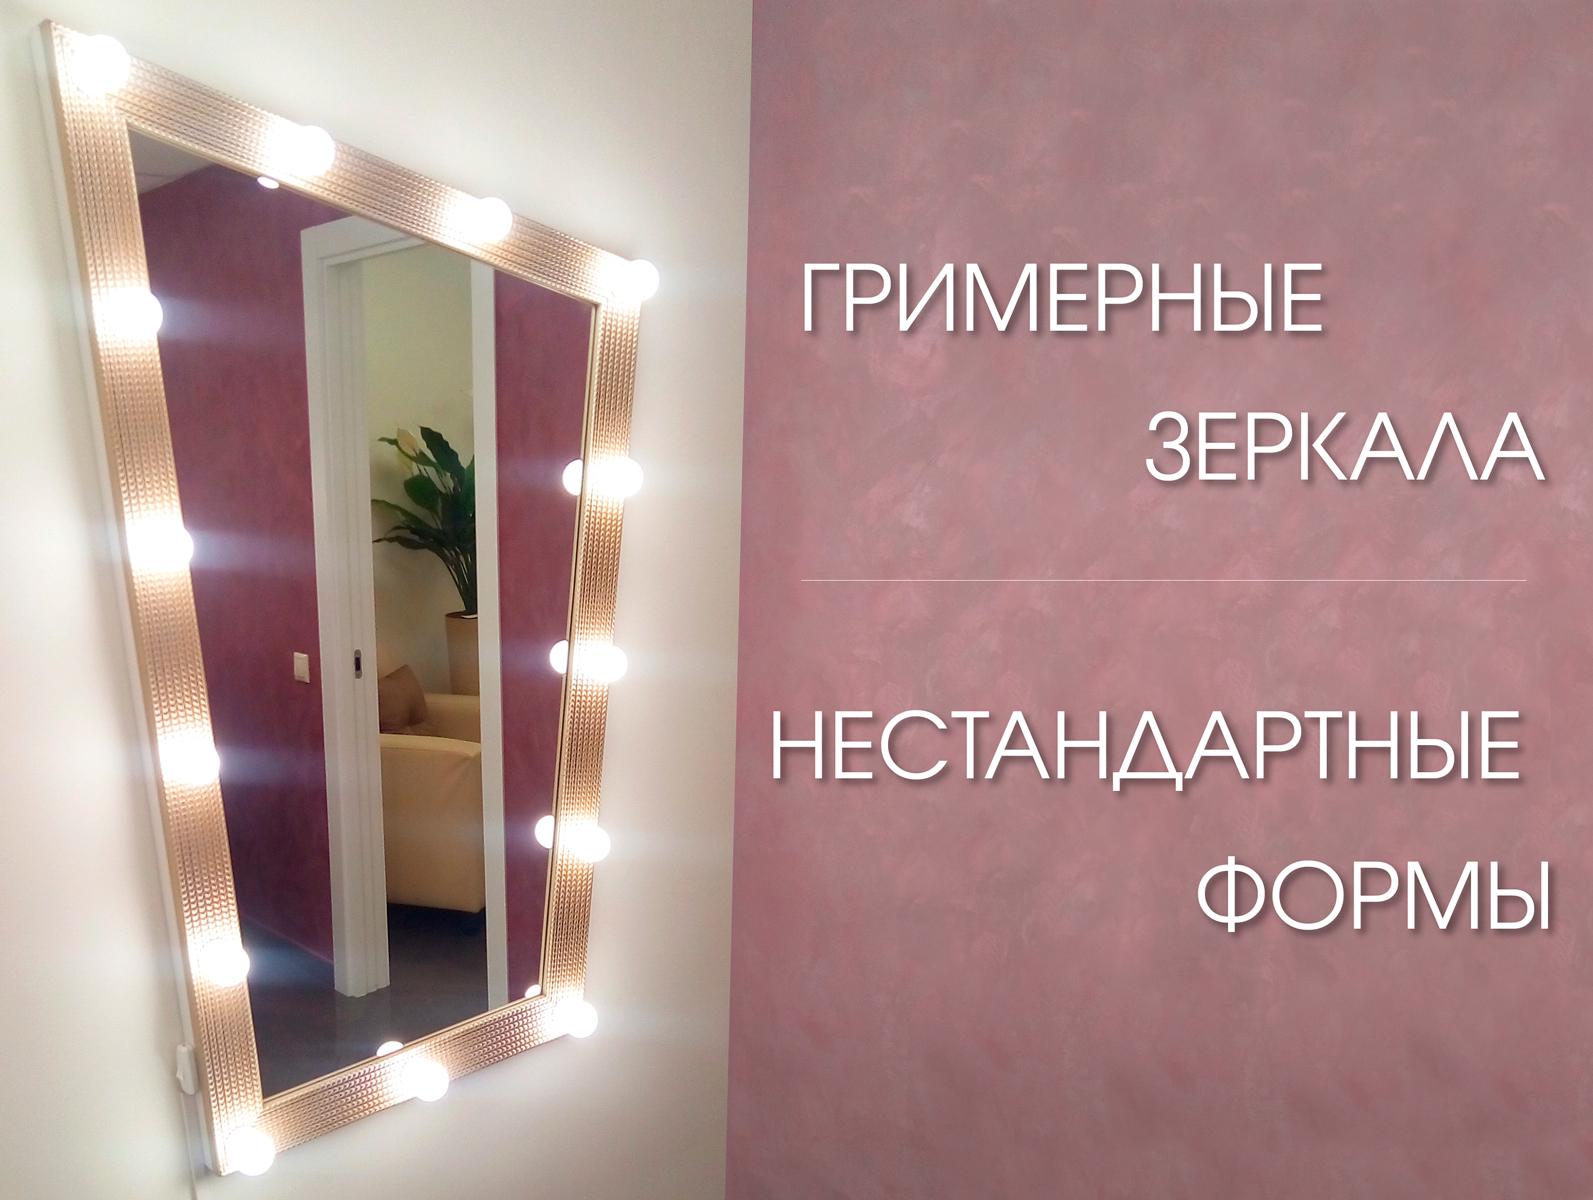 Гримёрные зеркала